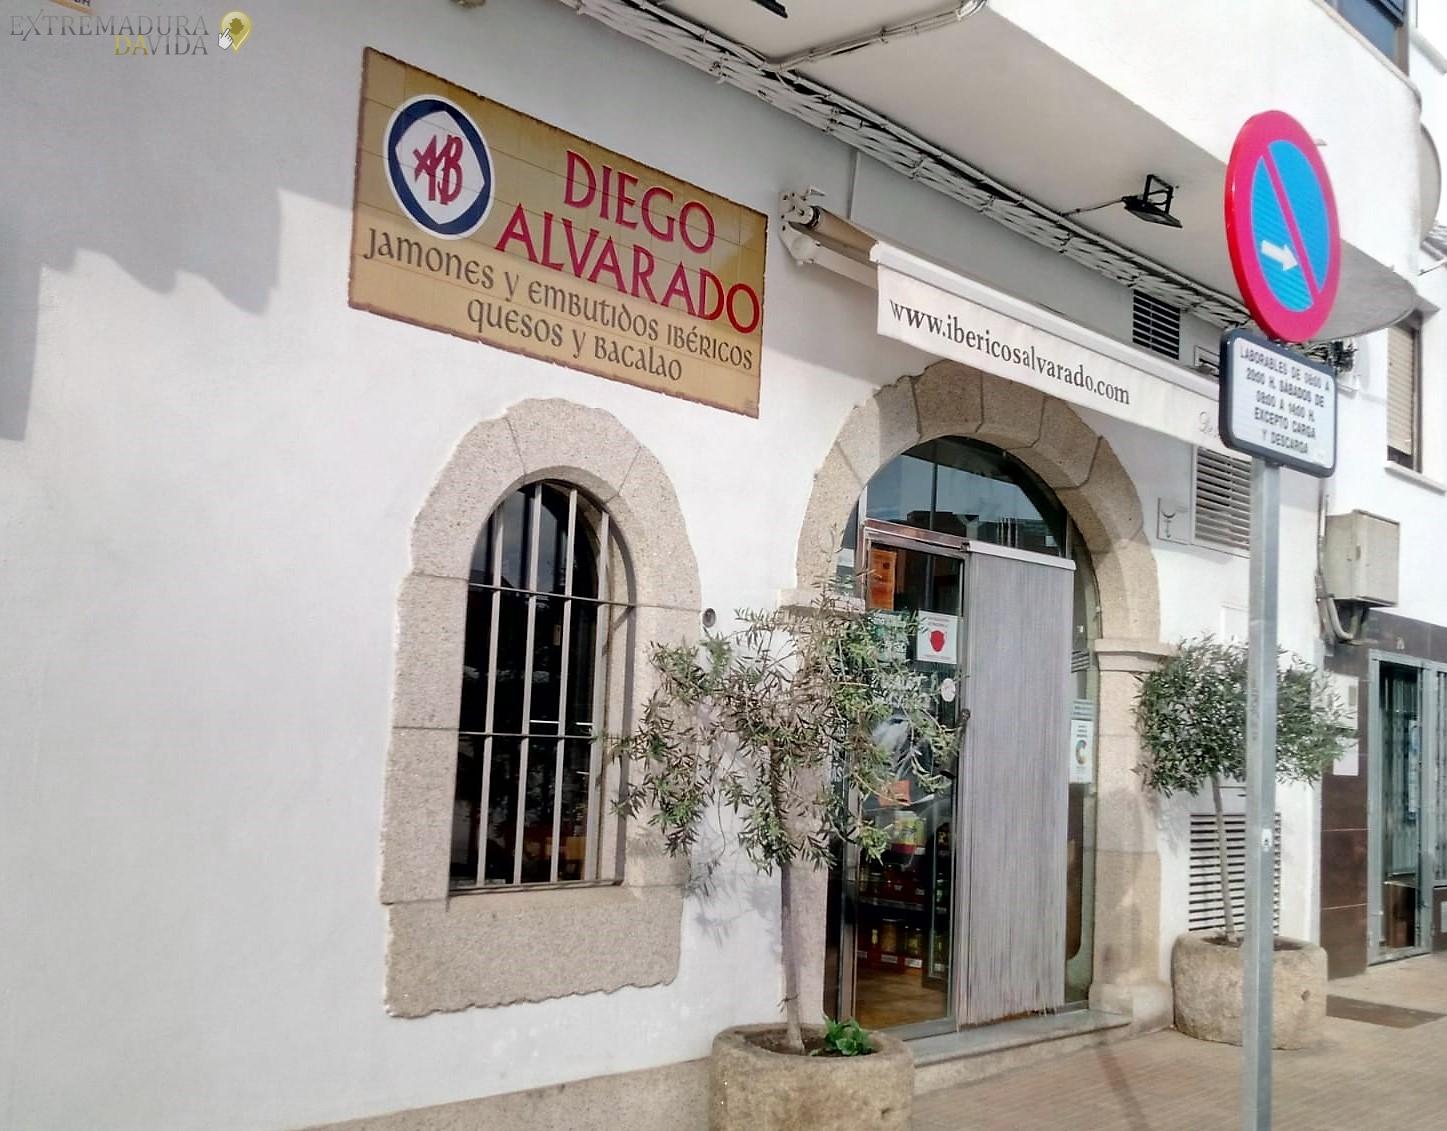 Productos Extremeños Ibericos Alvarado Valdefuentes Cáceres